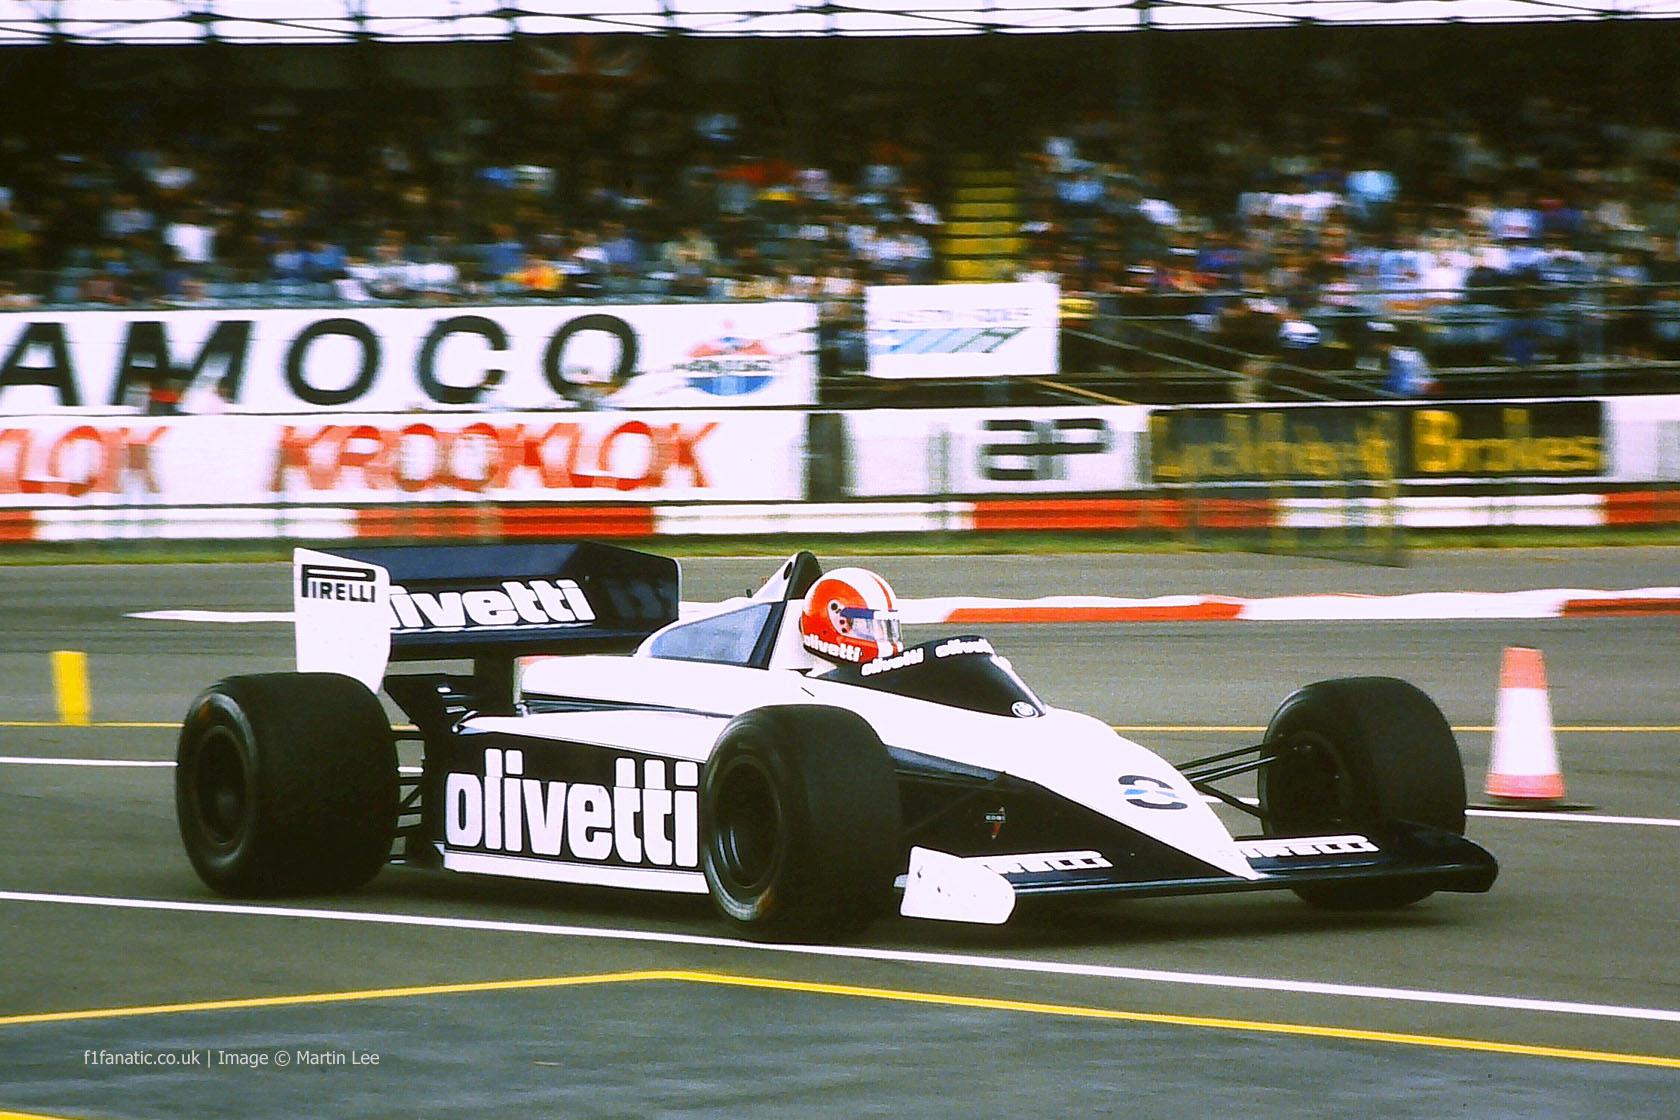 brab-sure-silv-1985.jpg